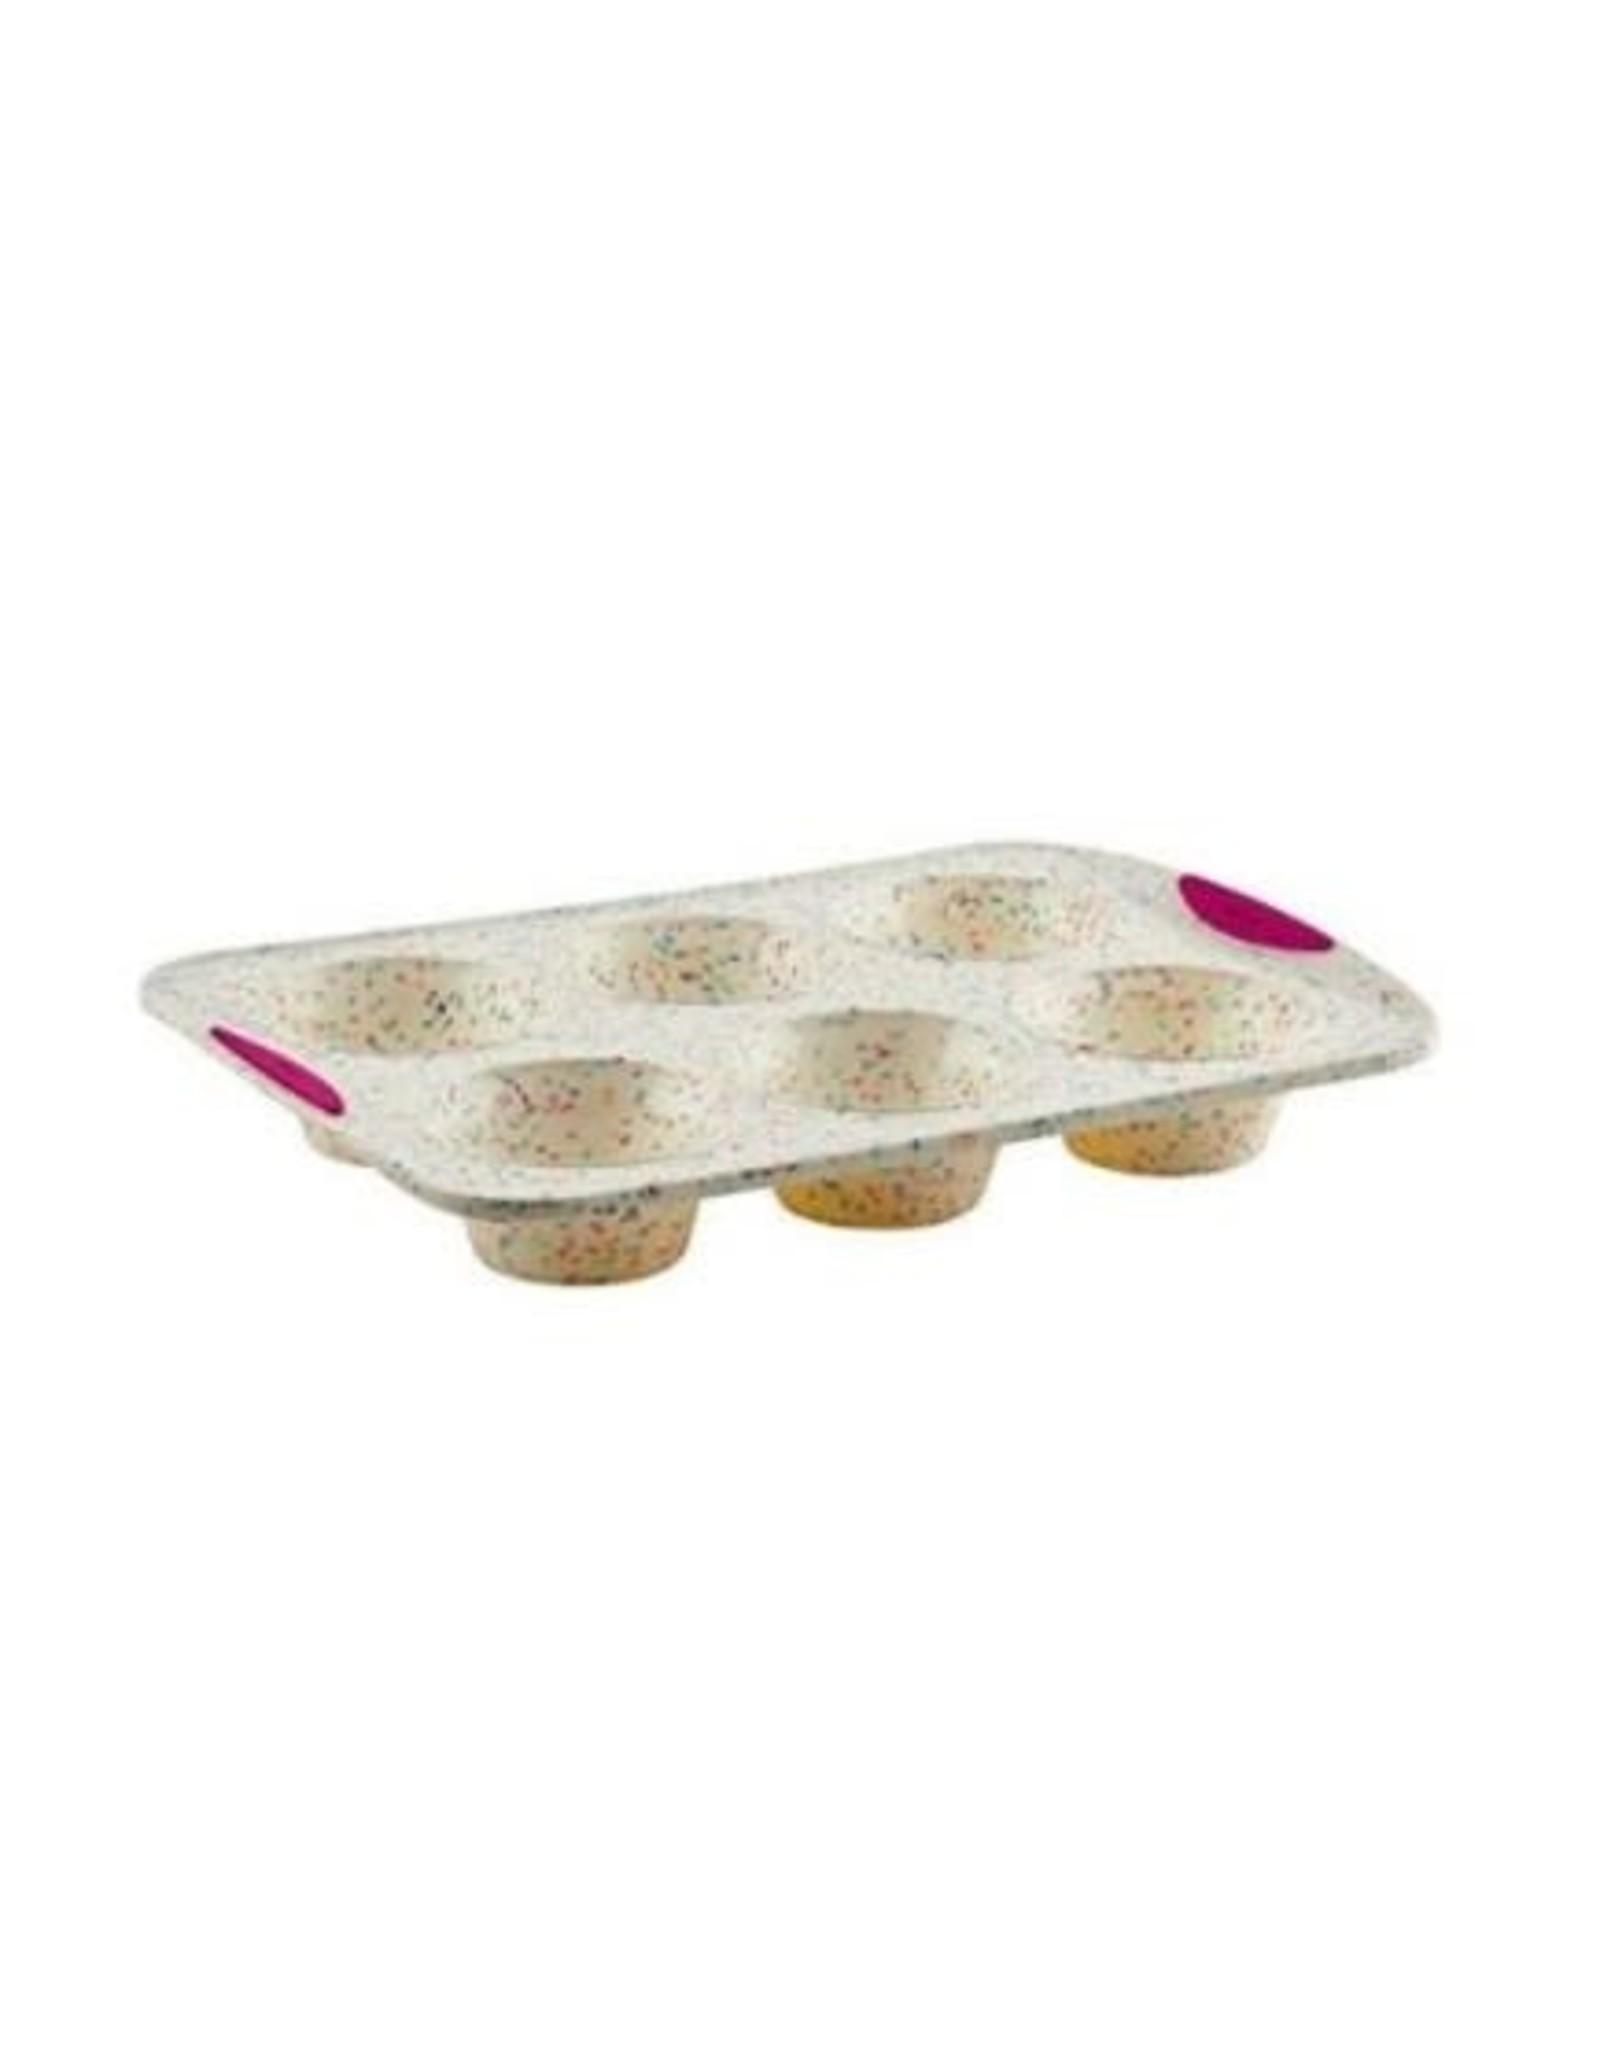 Pan, Confetti Jumbo Muffin 6 Ct